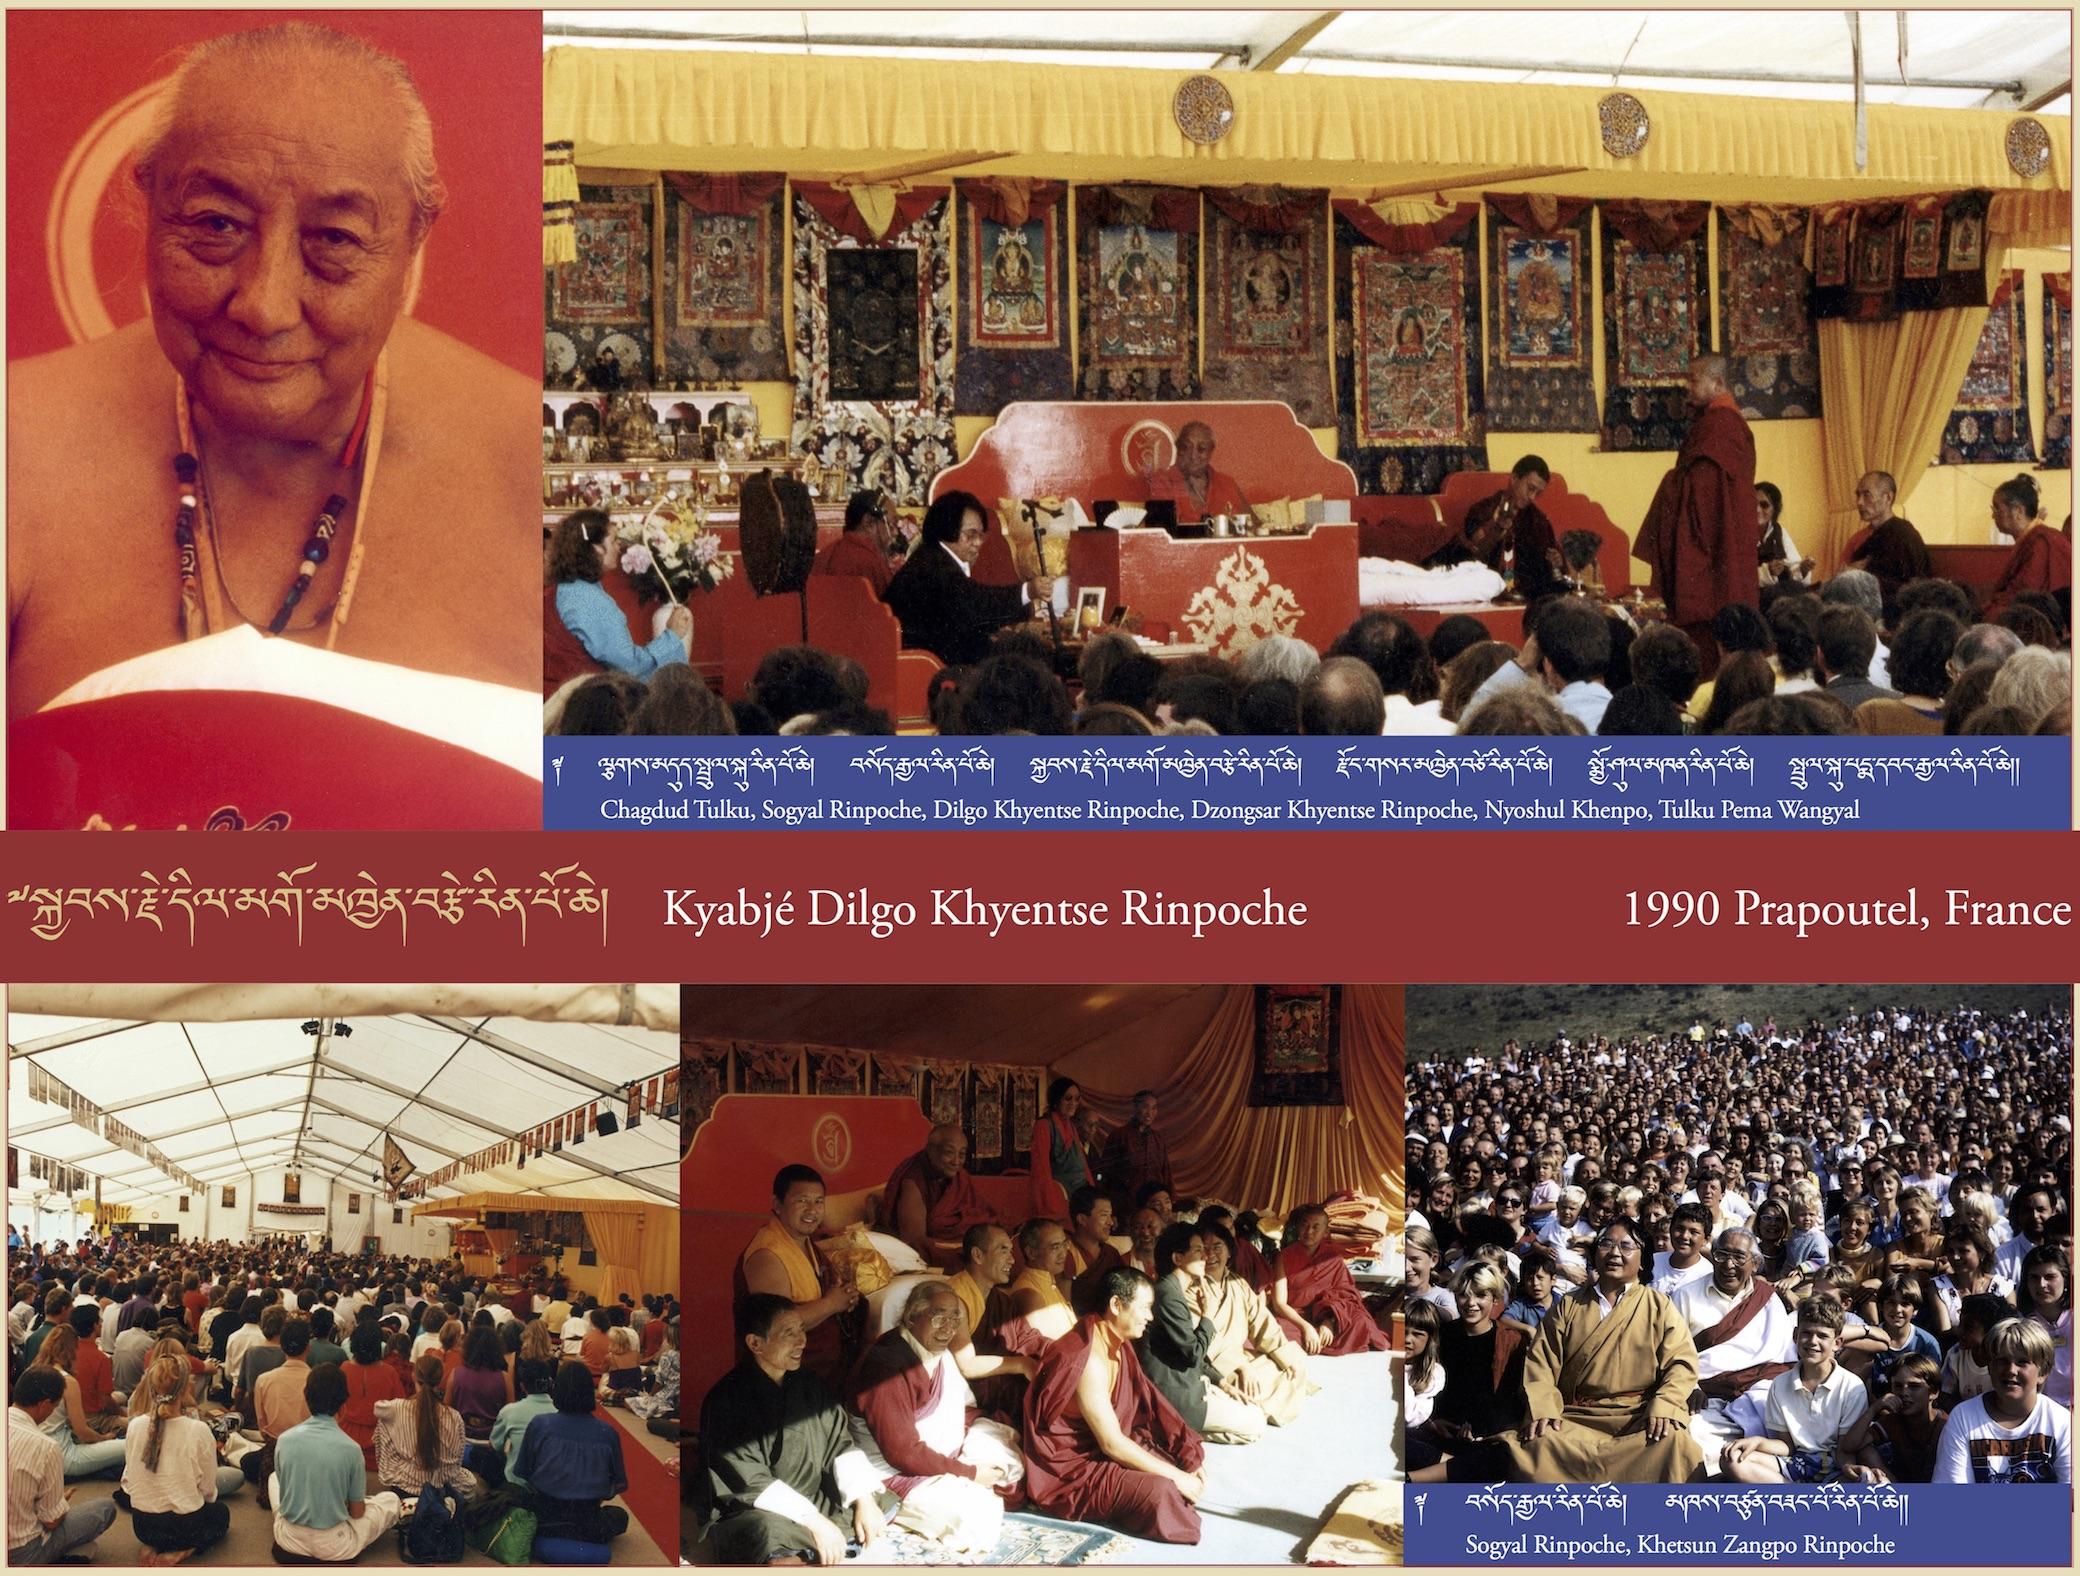 Kyabjé Dilgo Khyentse Rinpoche, 1990 Prapoutel, France